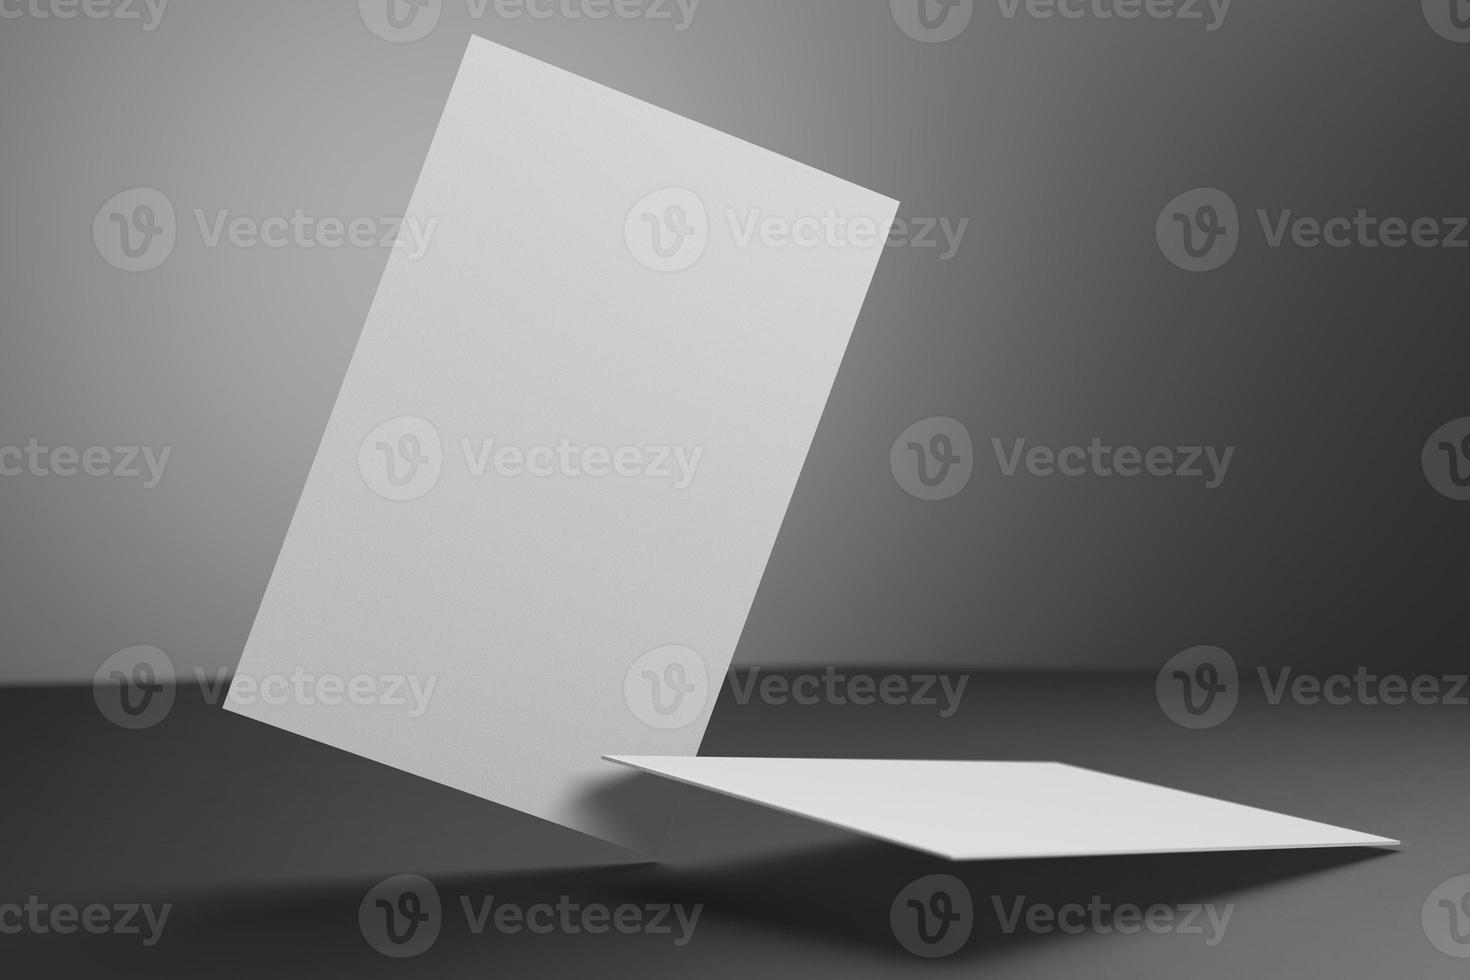 modello di mockup di carta per biglietto da visita verticale bianco con copertura di spazio vuoto per inserire il logo dell'azienda o l'identità personale su sfondo di cartone nero. concetto moderno. Rendering di illustrazione 3D foto